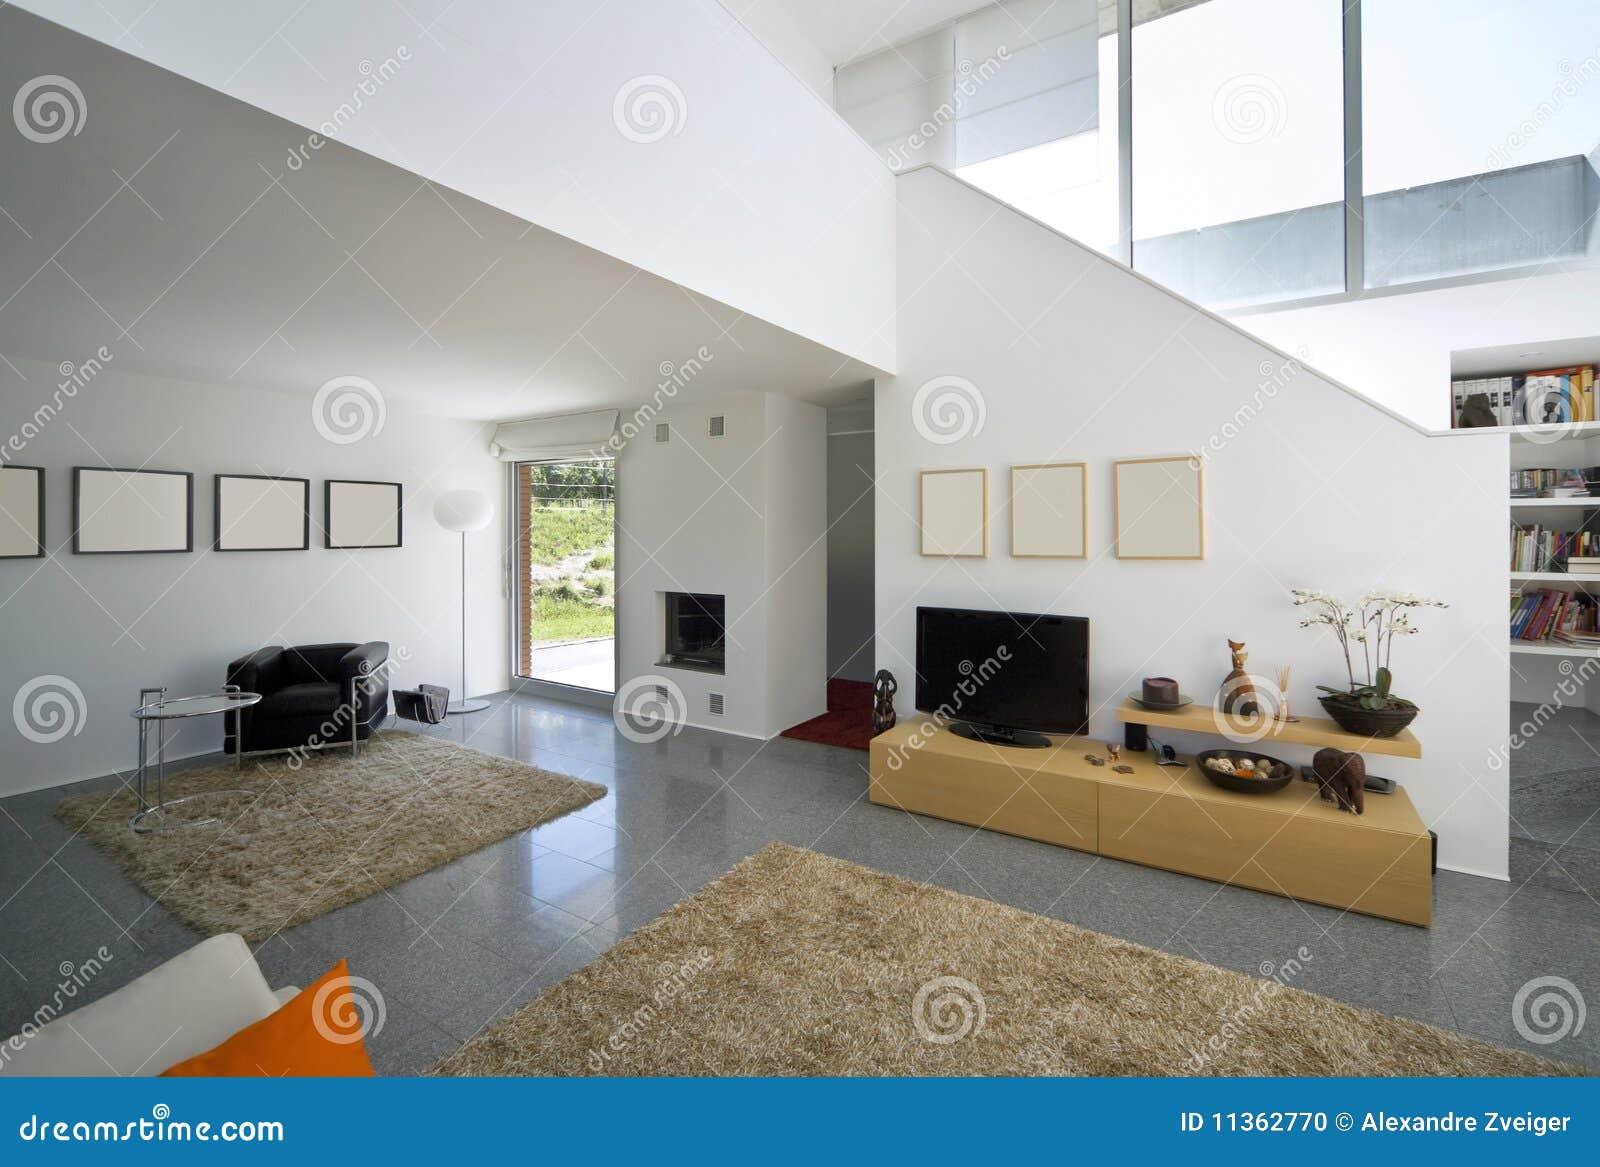 Maison moderne int rieure de brique photo stock image for Decoradores de casas interiores